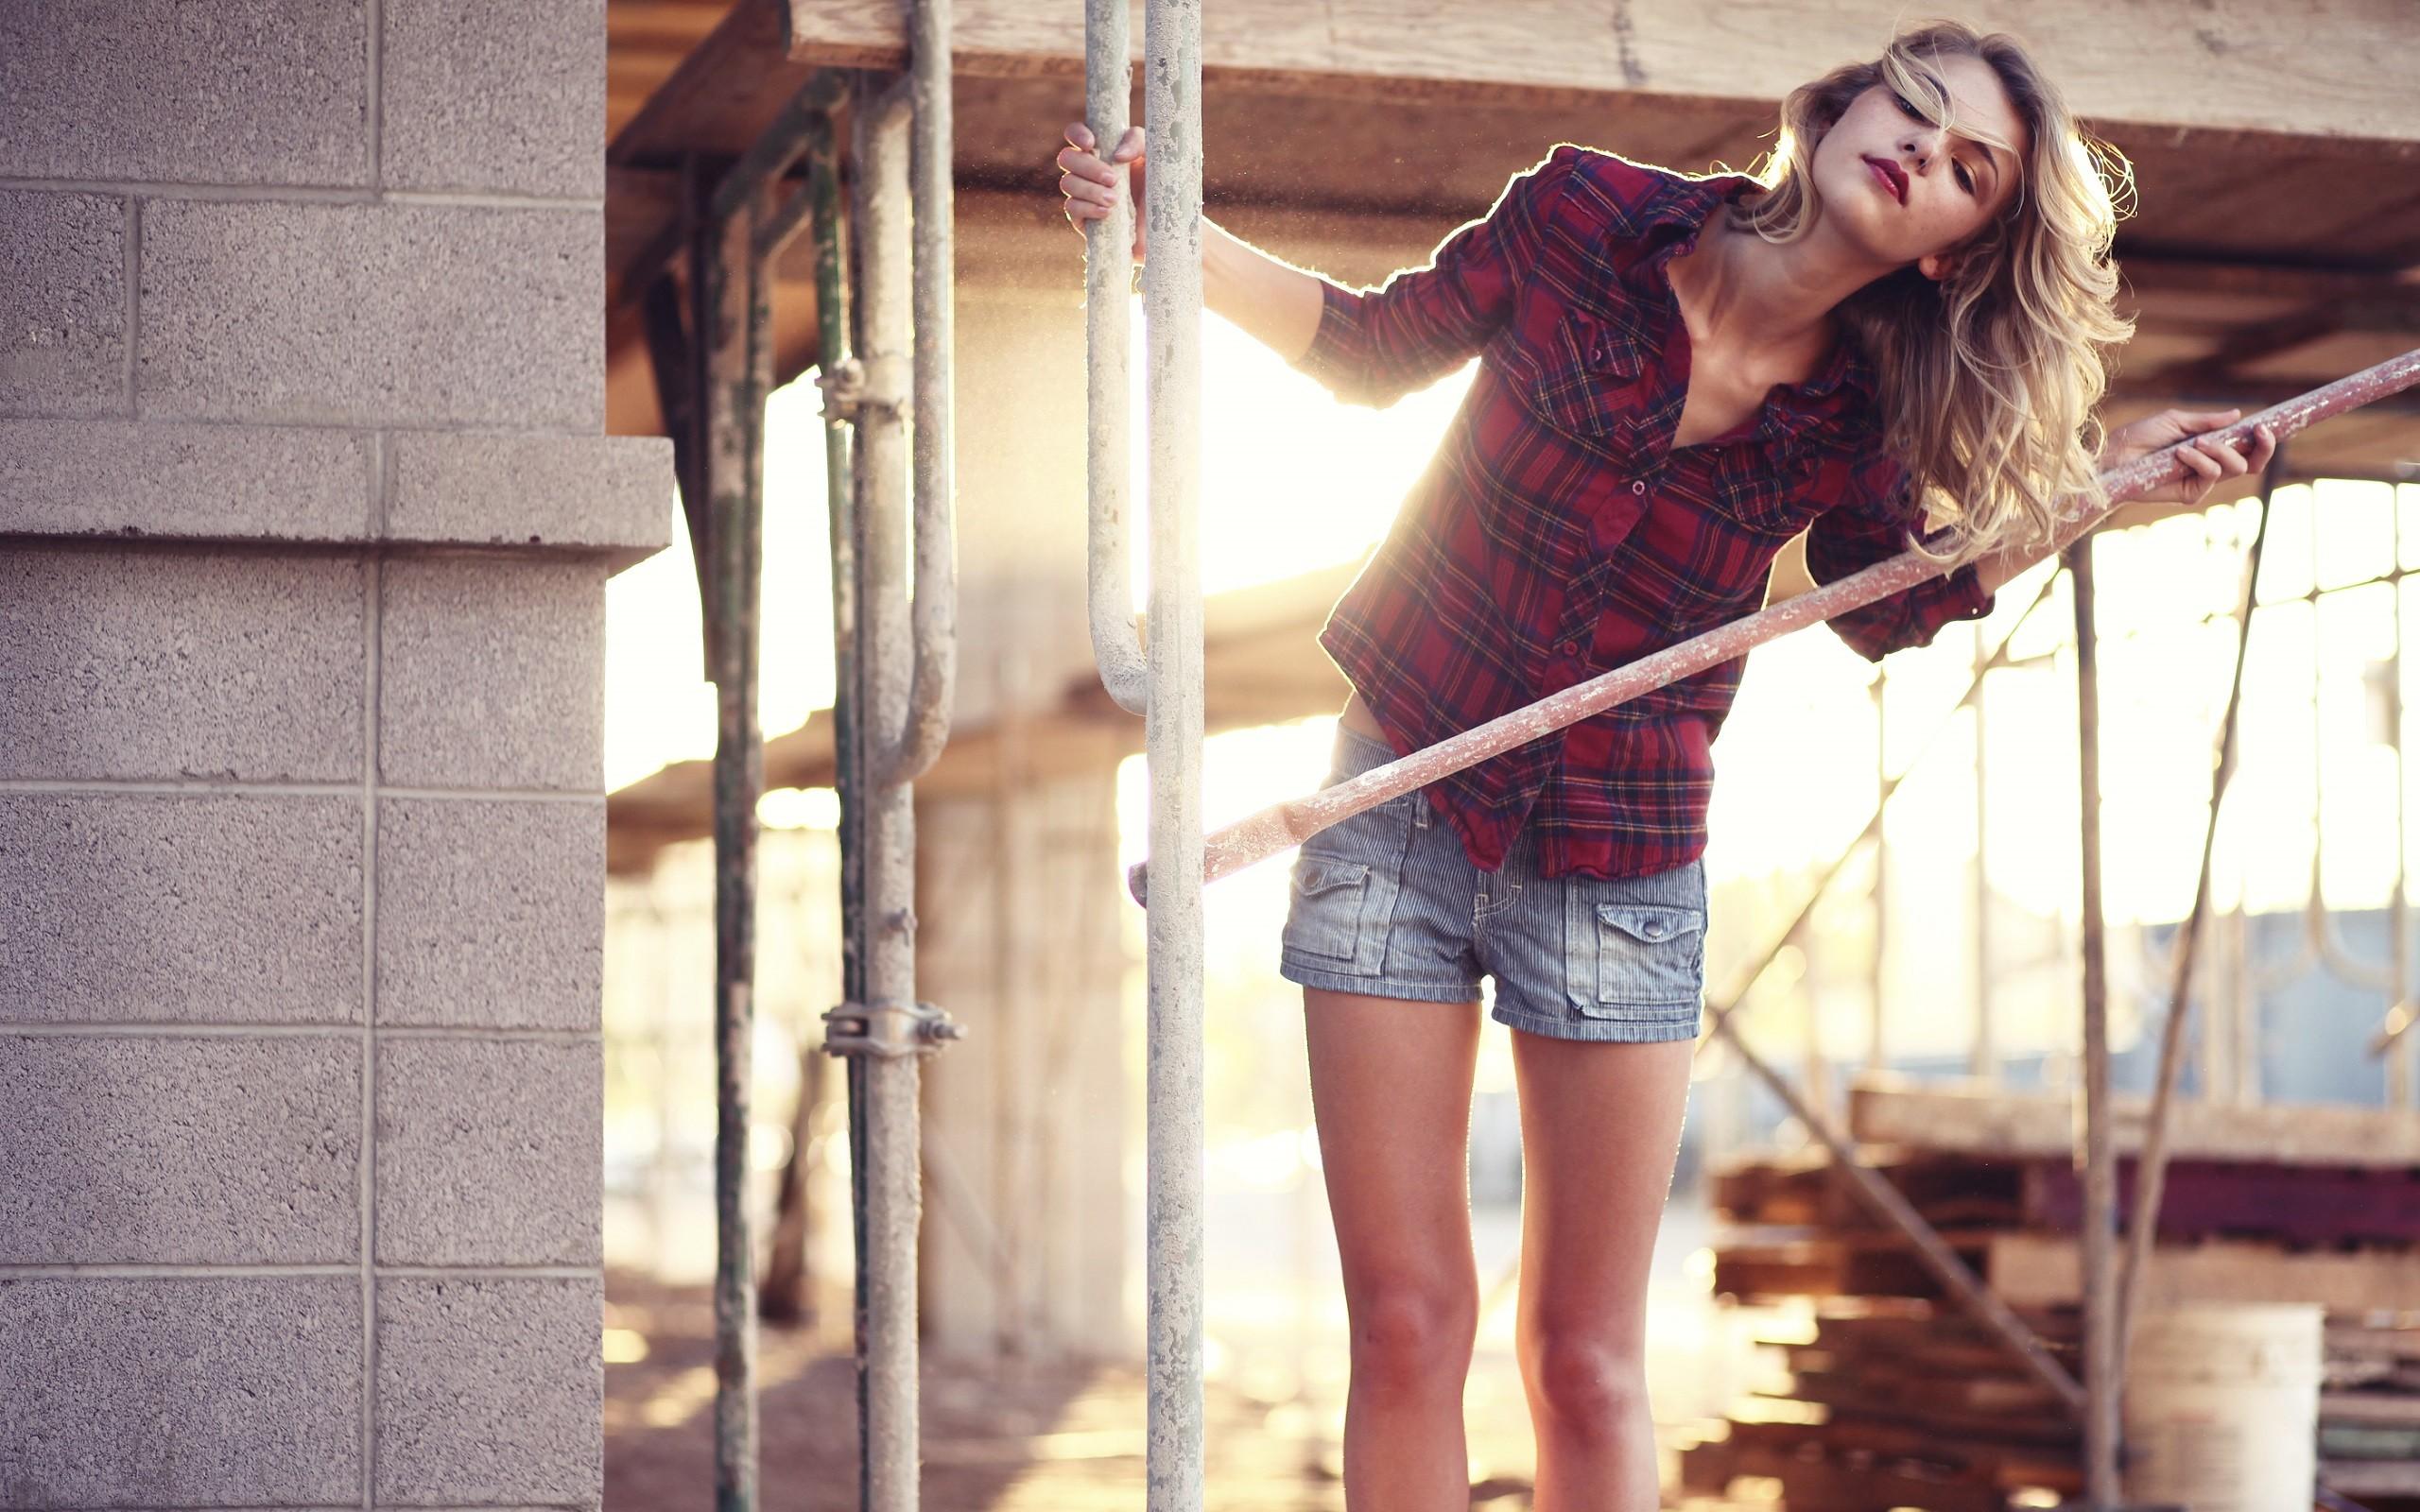 год-полтора девушка в рубашке в клеточку фотосеты начинает двигаться, лариса